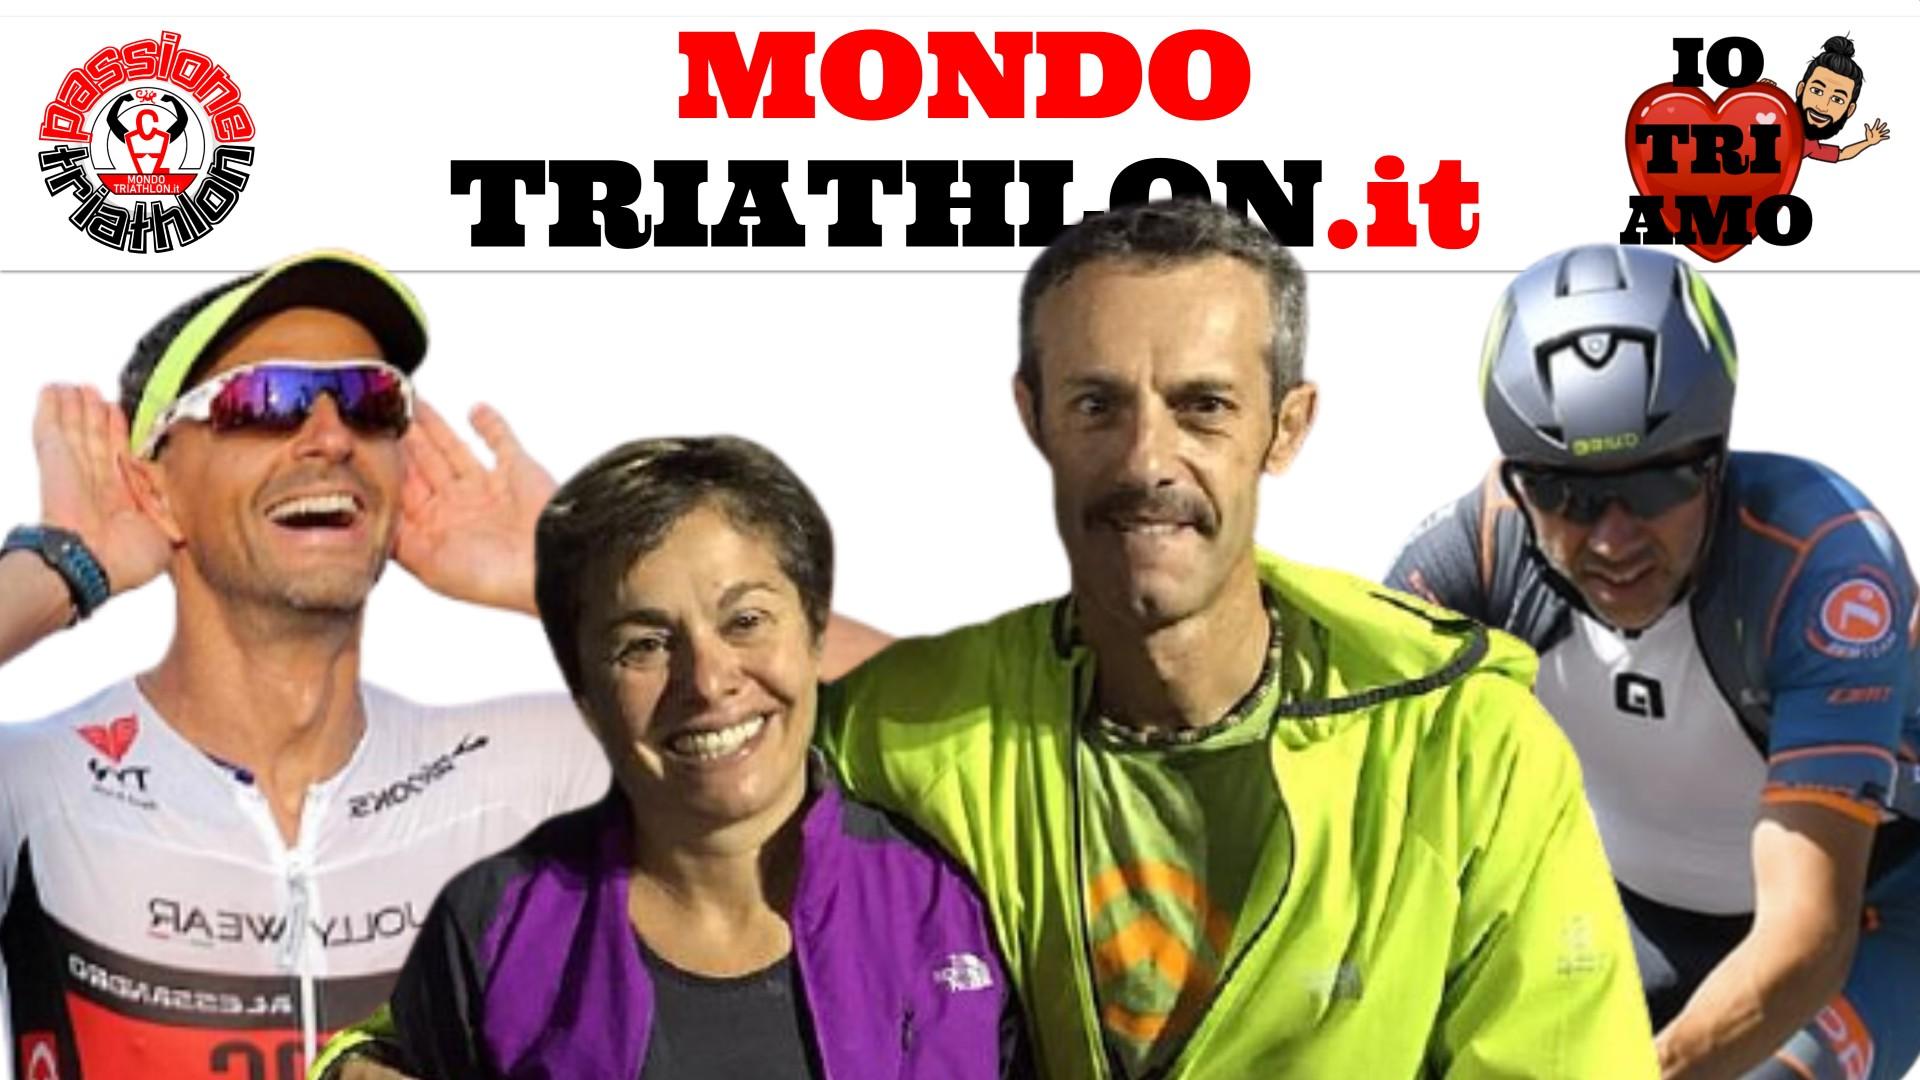 Copertina Passione Triathlon 12-16 ottobre 2020